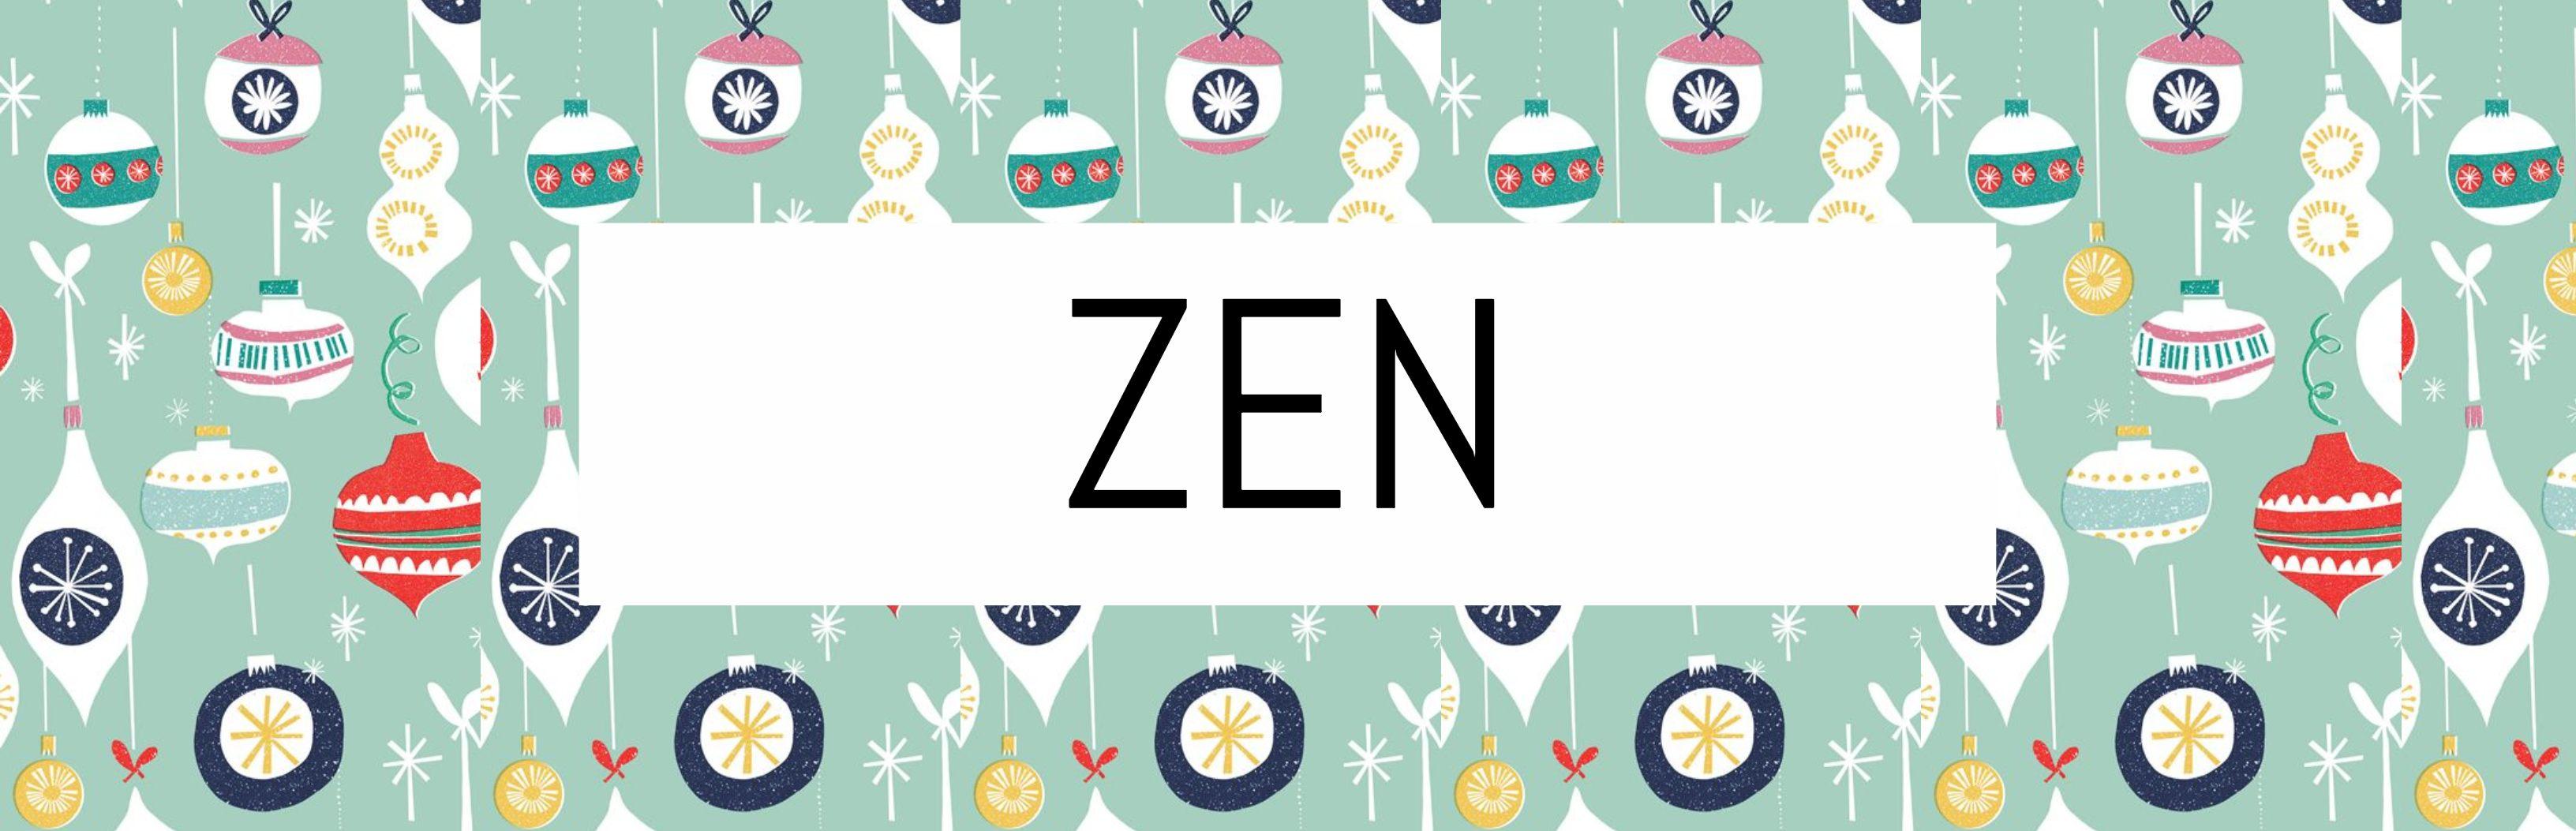 15 ideias de presentes para o Natal: dê pedras e cristais zen